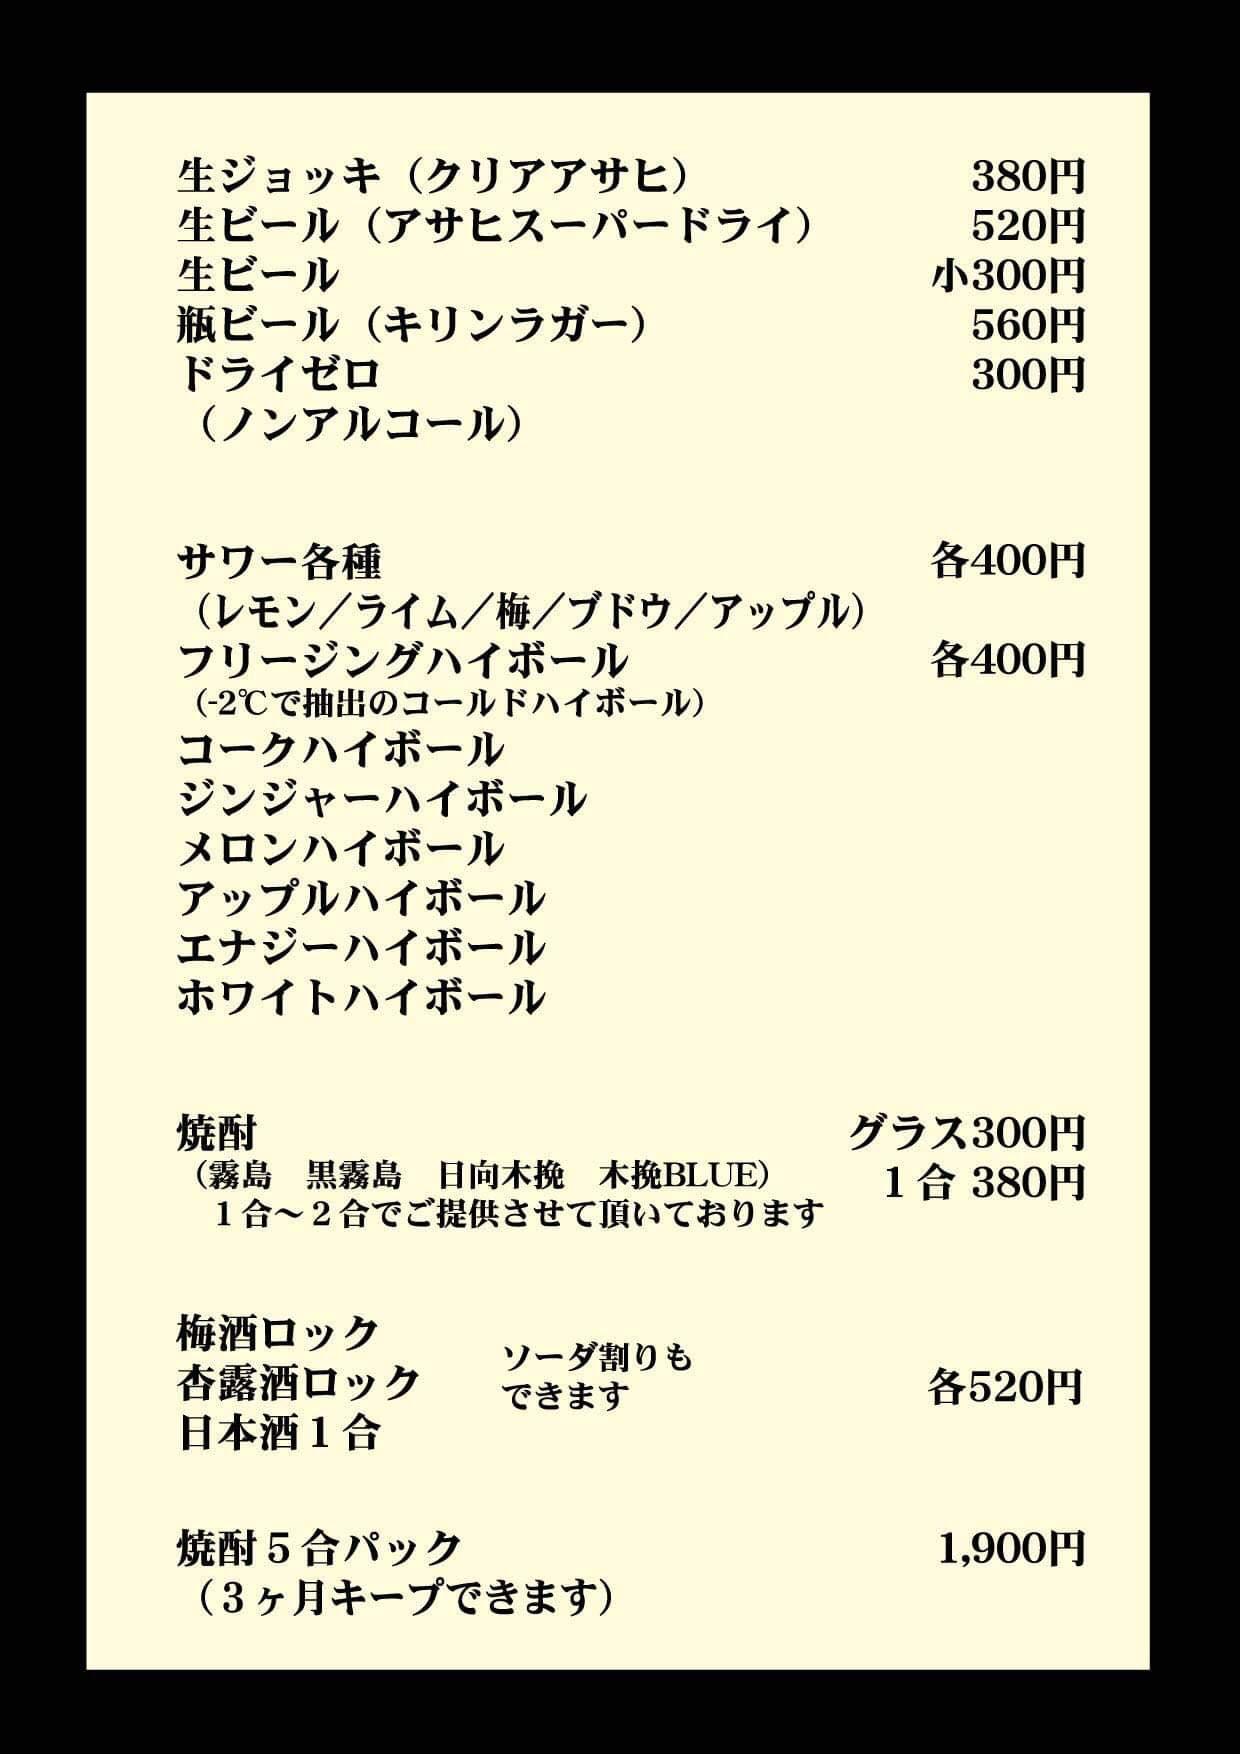 いちりゅう南宮崎店ドリンクメニュー